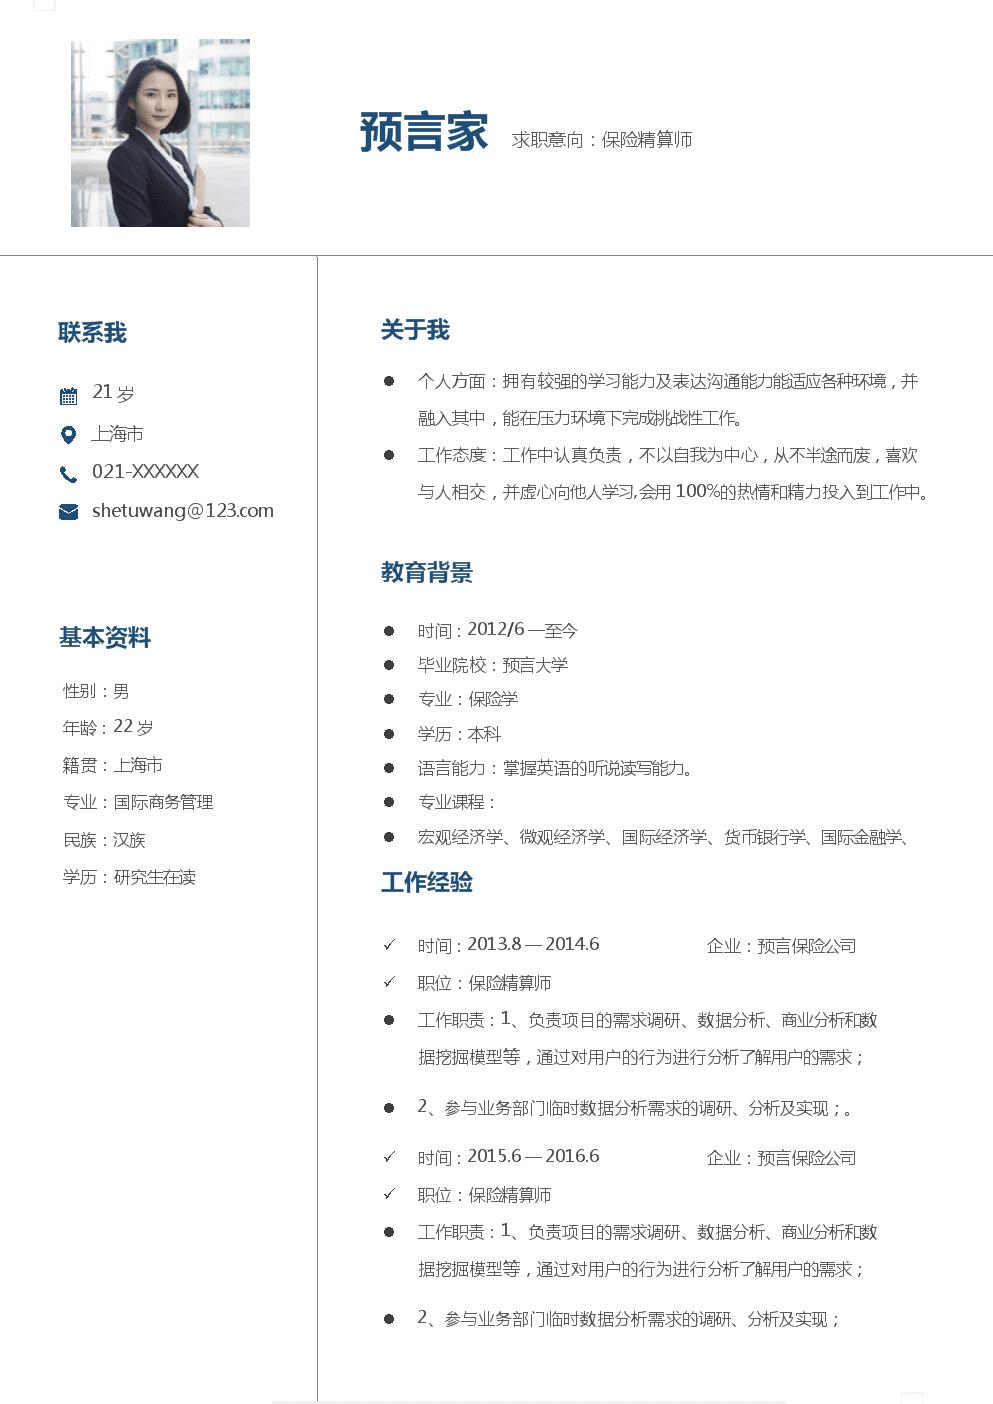 个人简历模板(保险精算师样例).docx